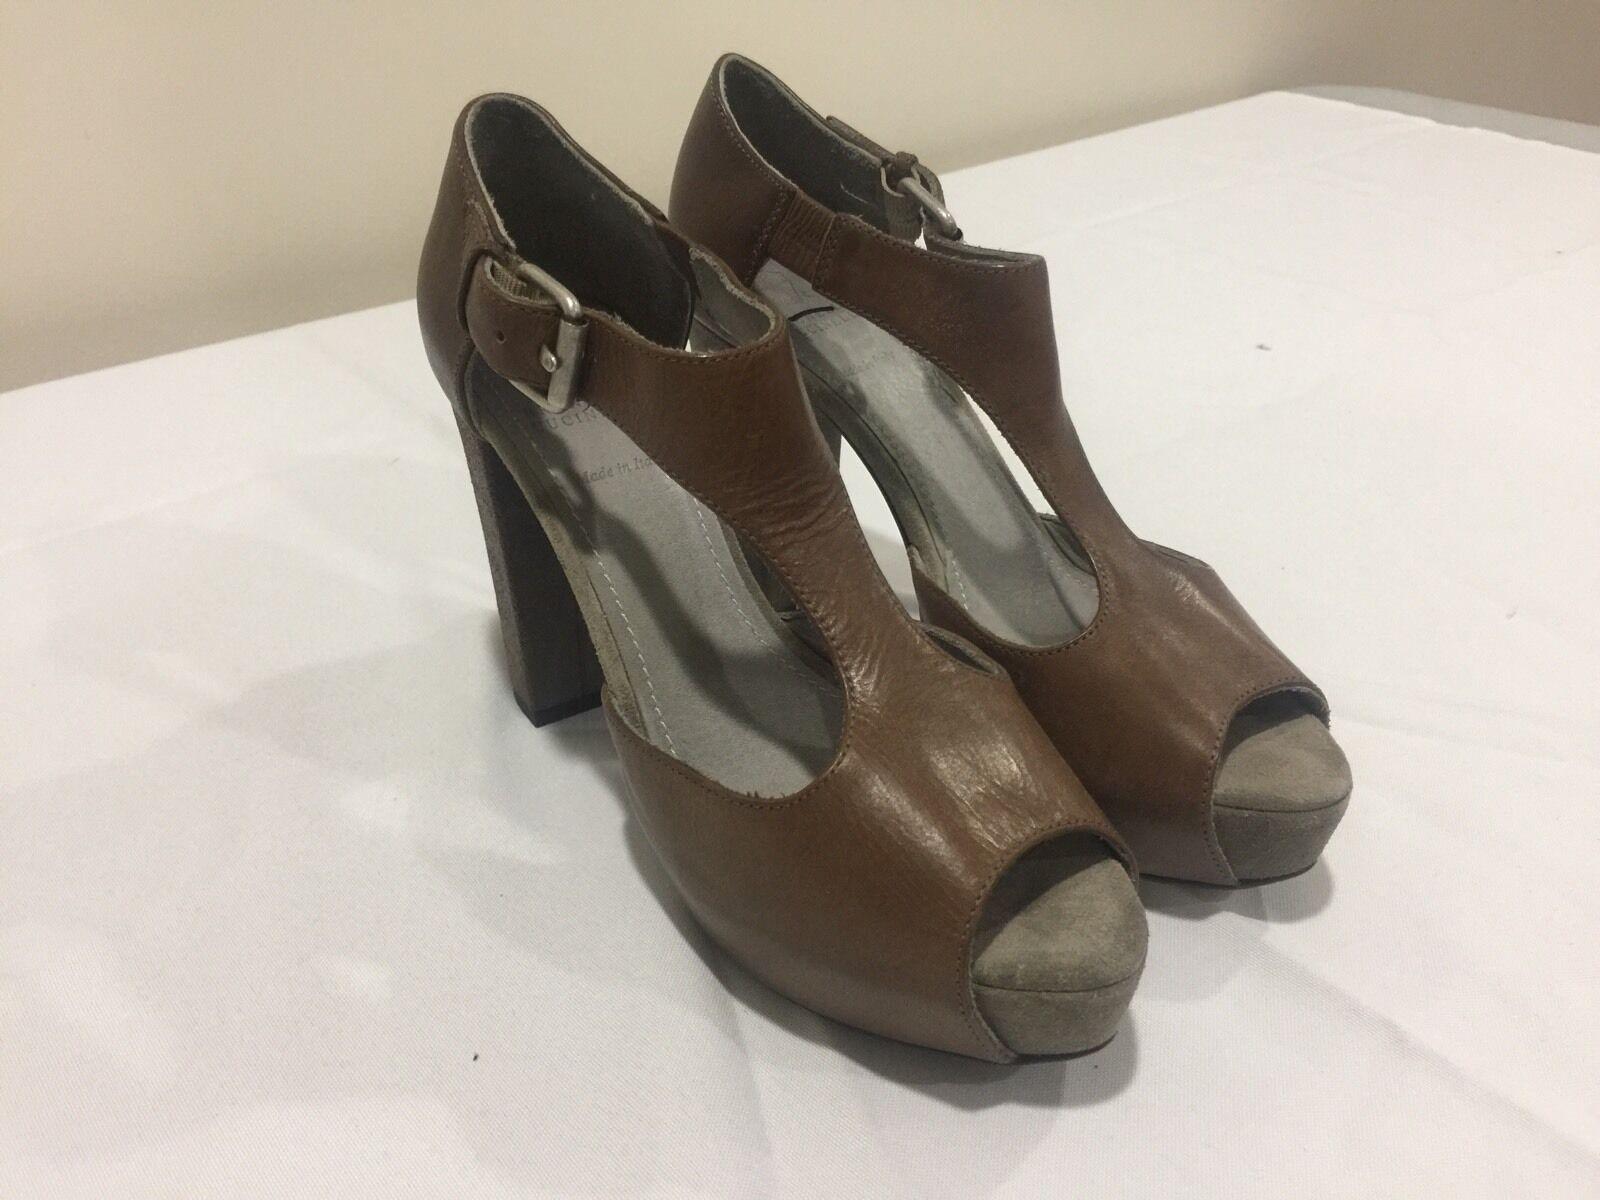 Brunello Cucinelli braun Leather Buckled Sandal Heels Größe 37 7  1225.00